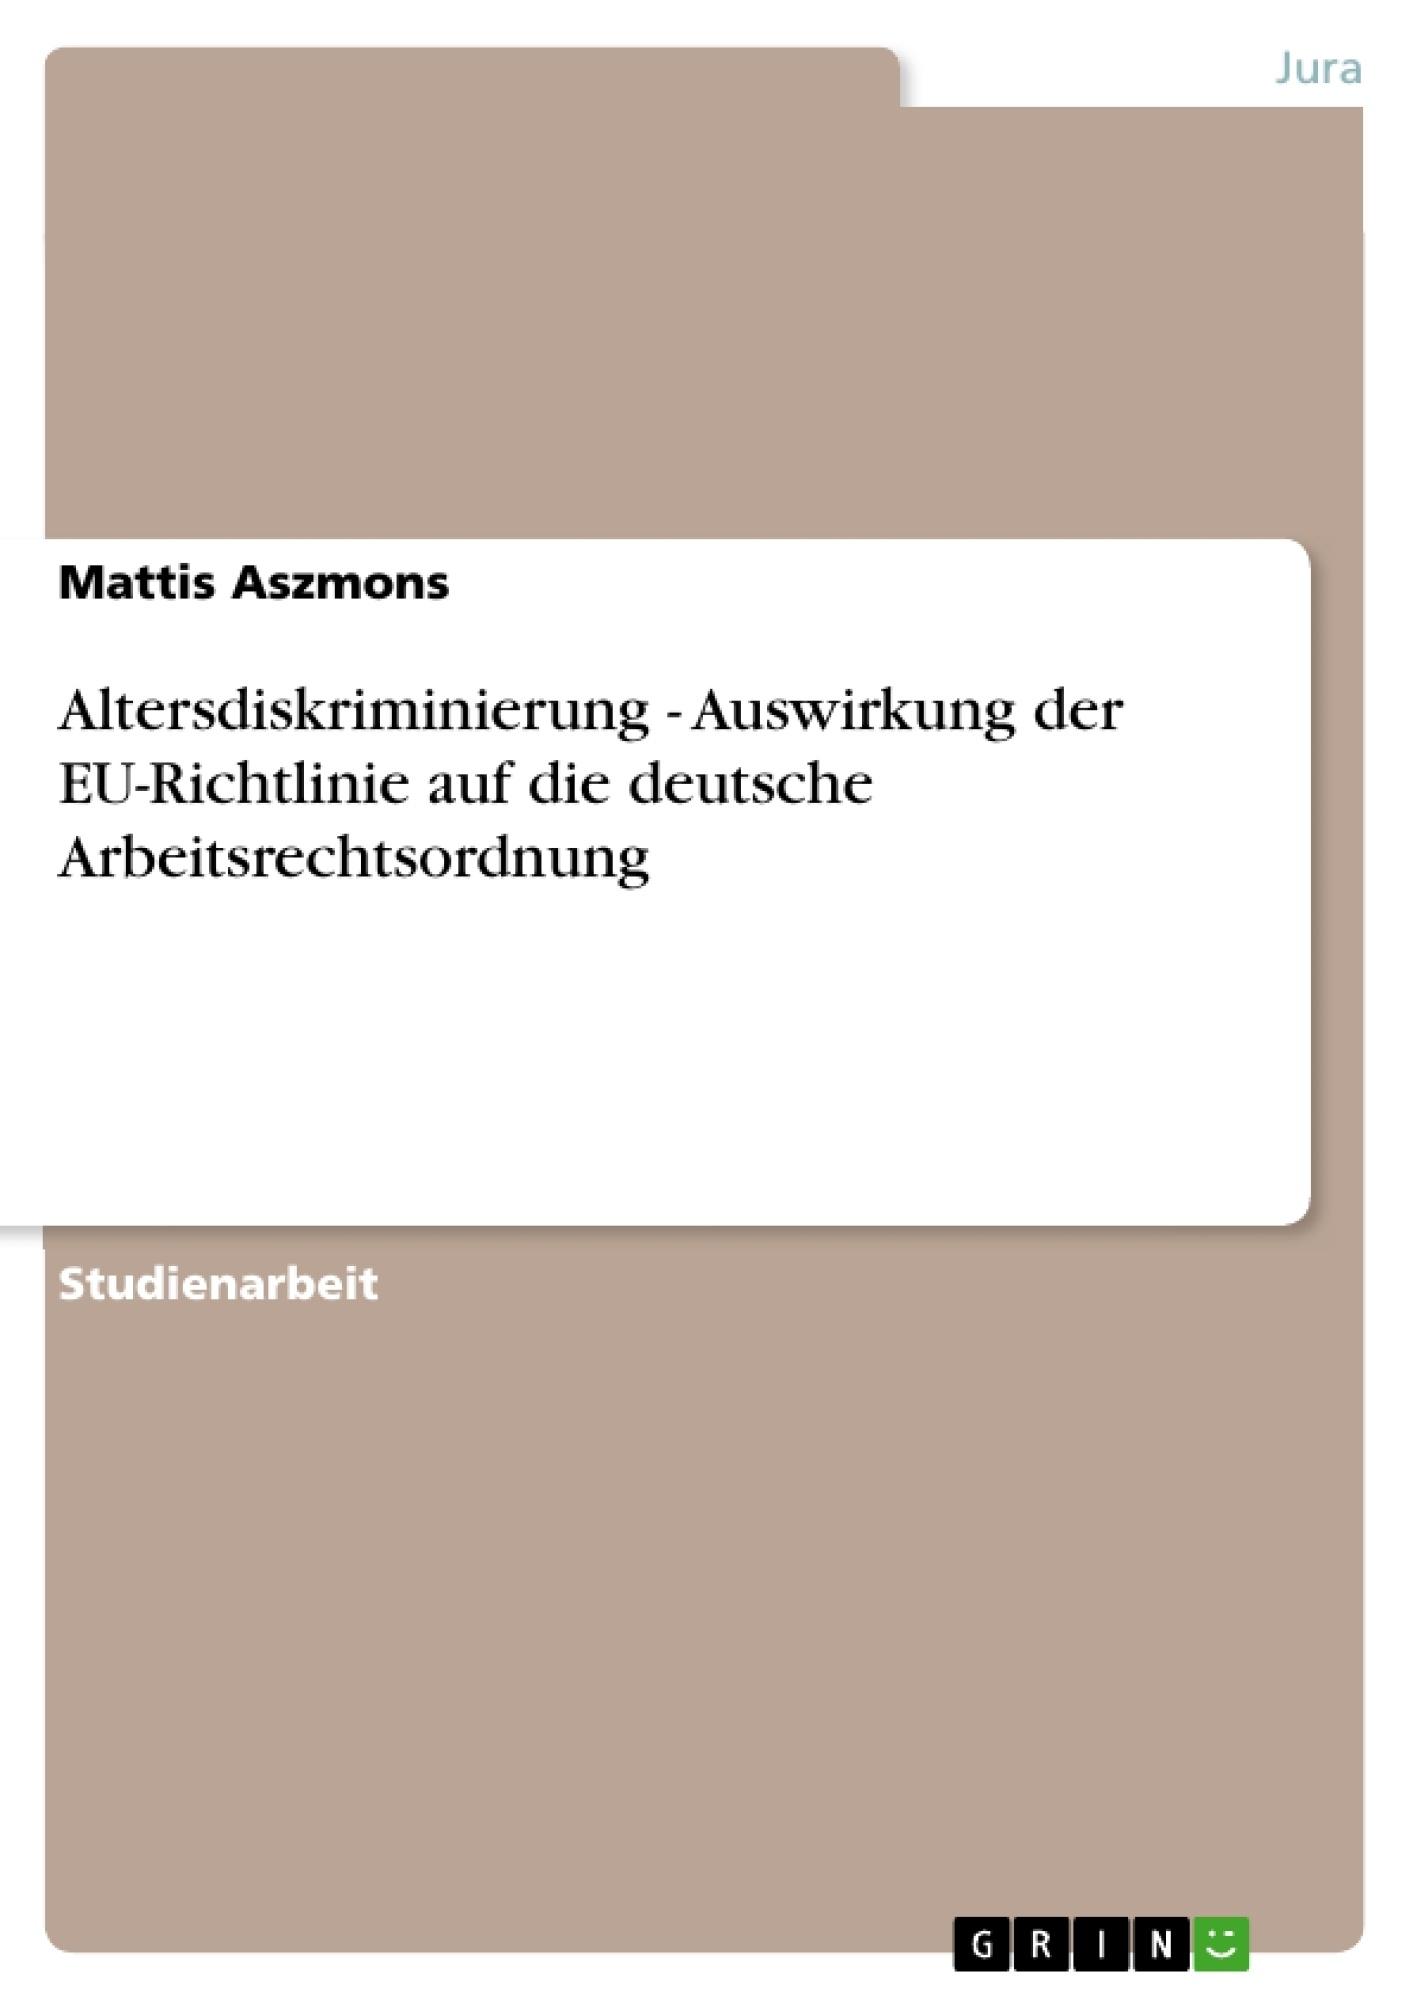 Titel: Altersdiskriminierung - Auswirkung der EU-Richtlinie auf die deutsche Arbeitsrechtsordnung